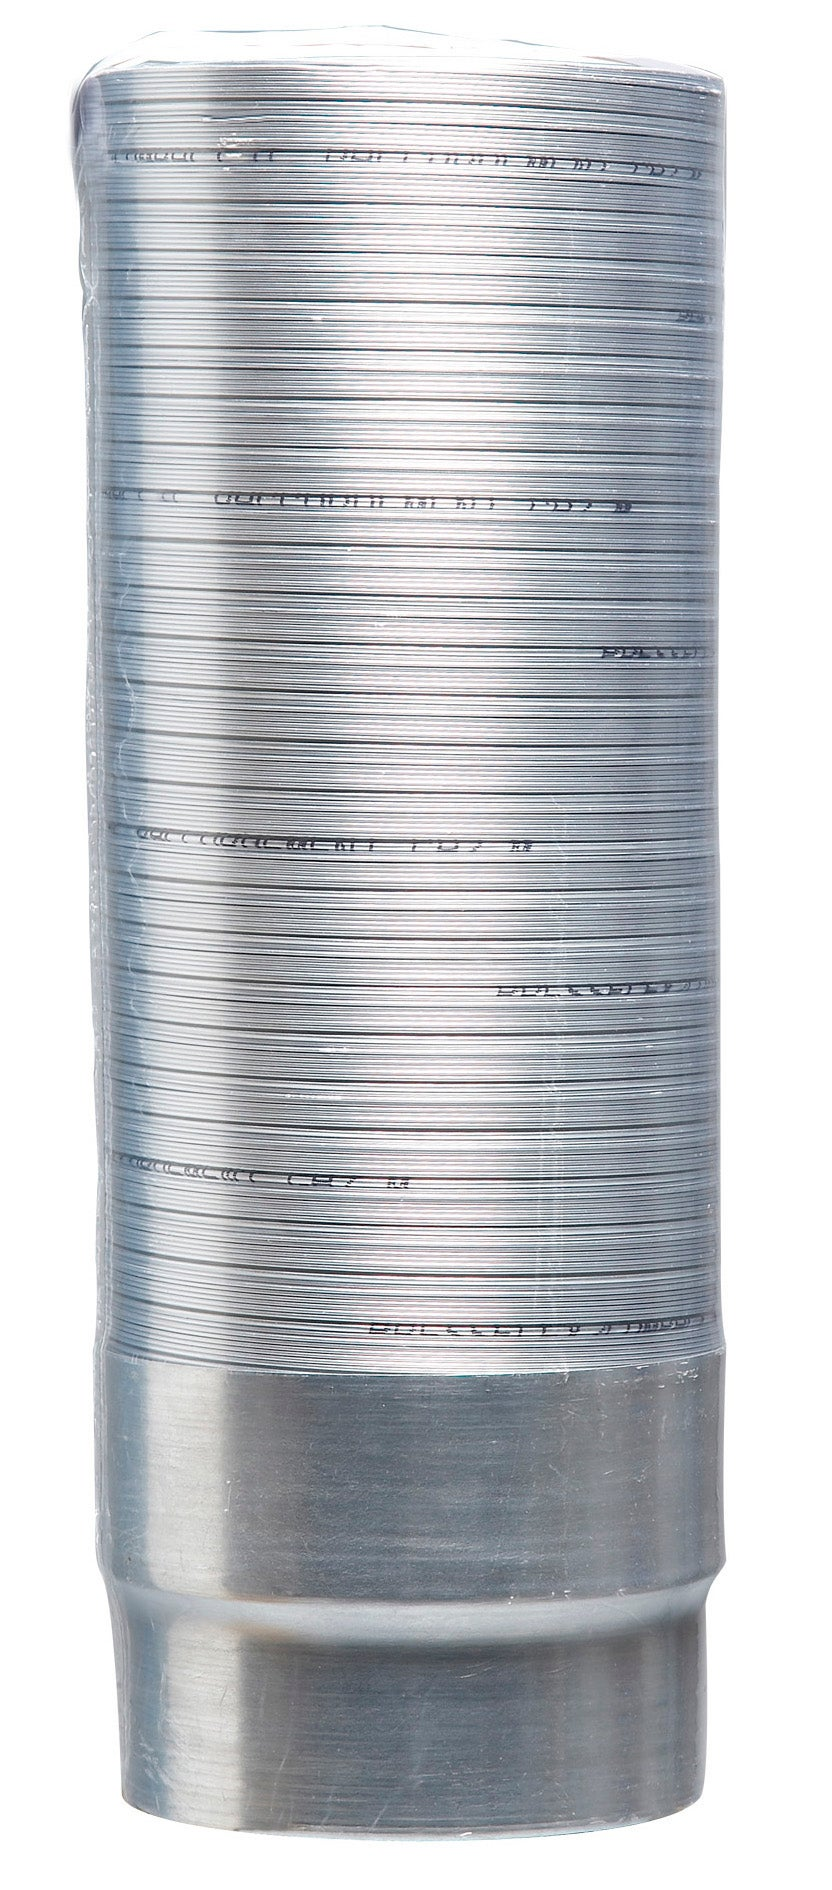 Manchette de raccordement 125mm ventilation collier /étanche